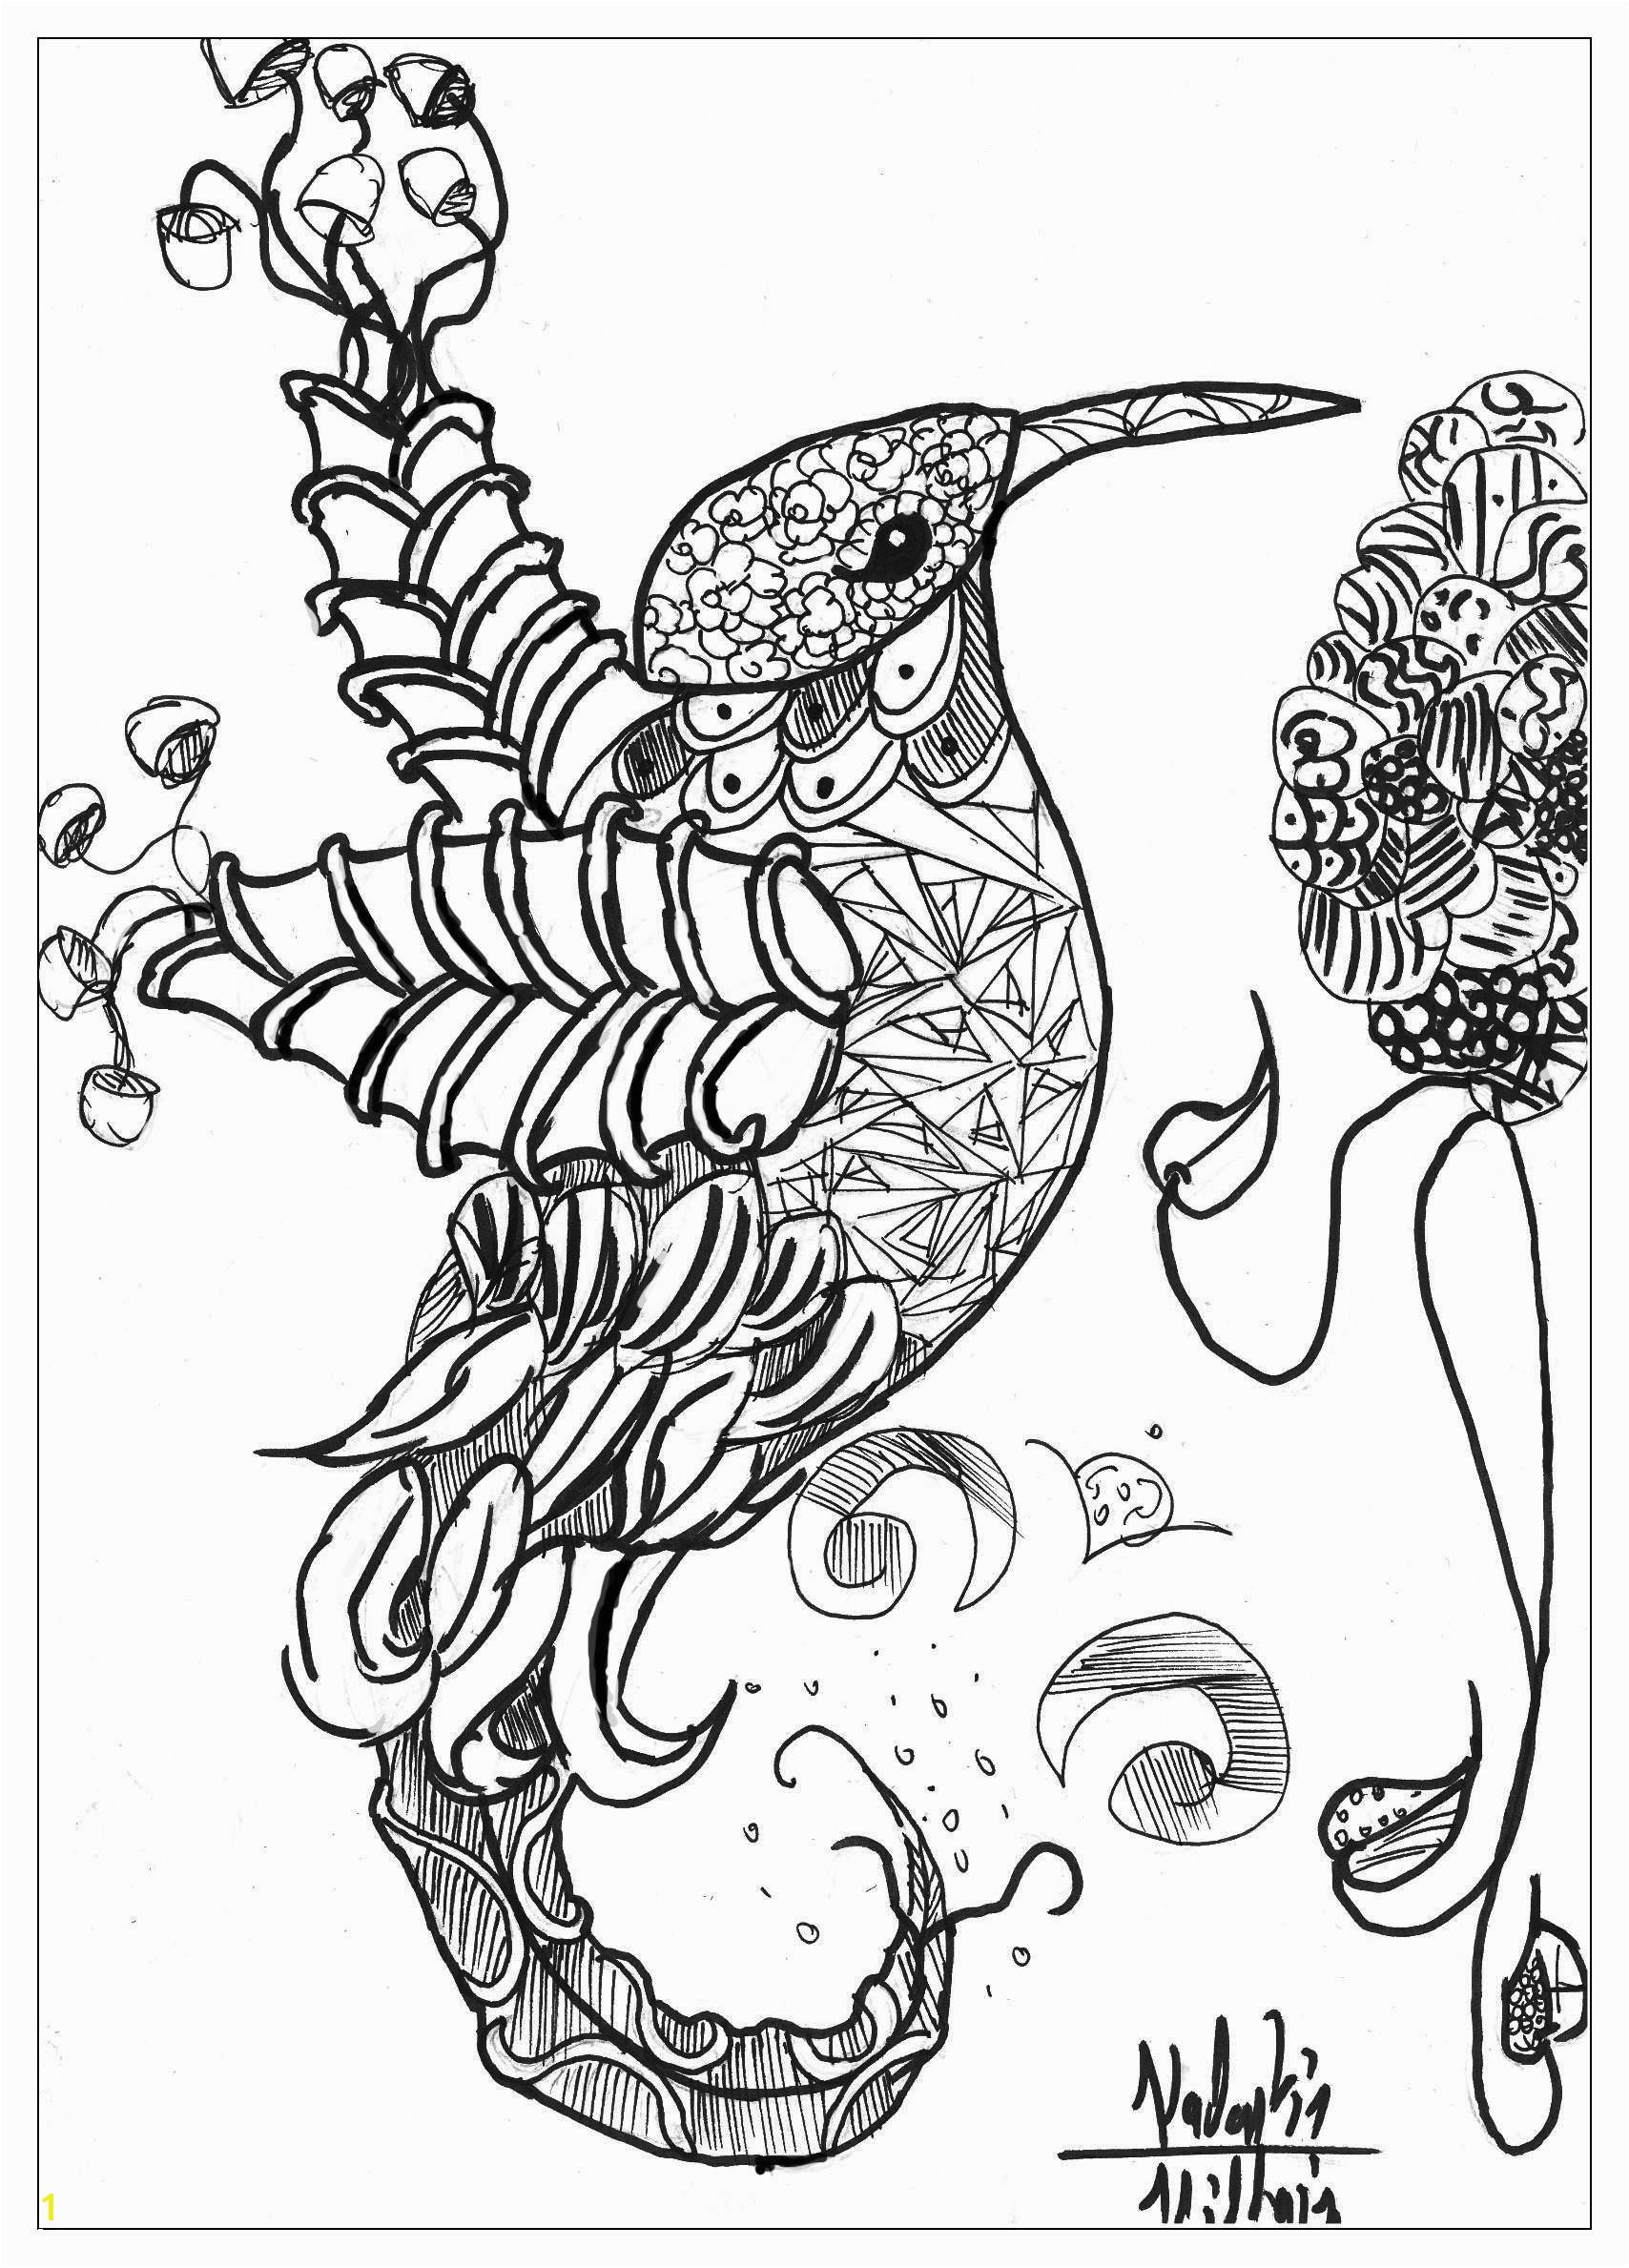 Mandala Coloring Pages Of Animals Mandala Coloring Pages for Adults Animals Luxury Mandala Animal